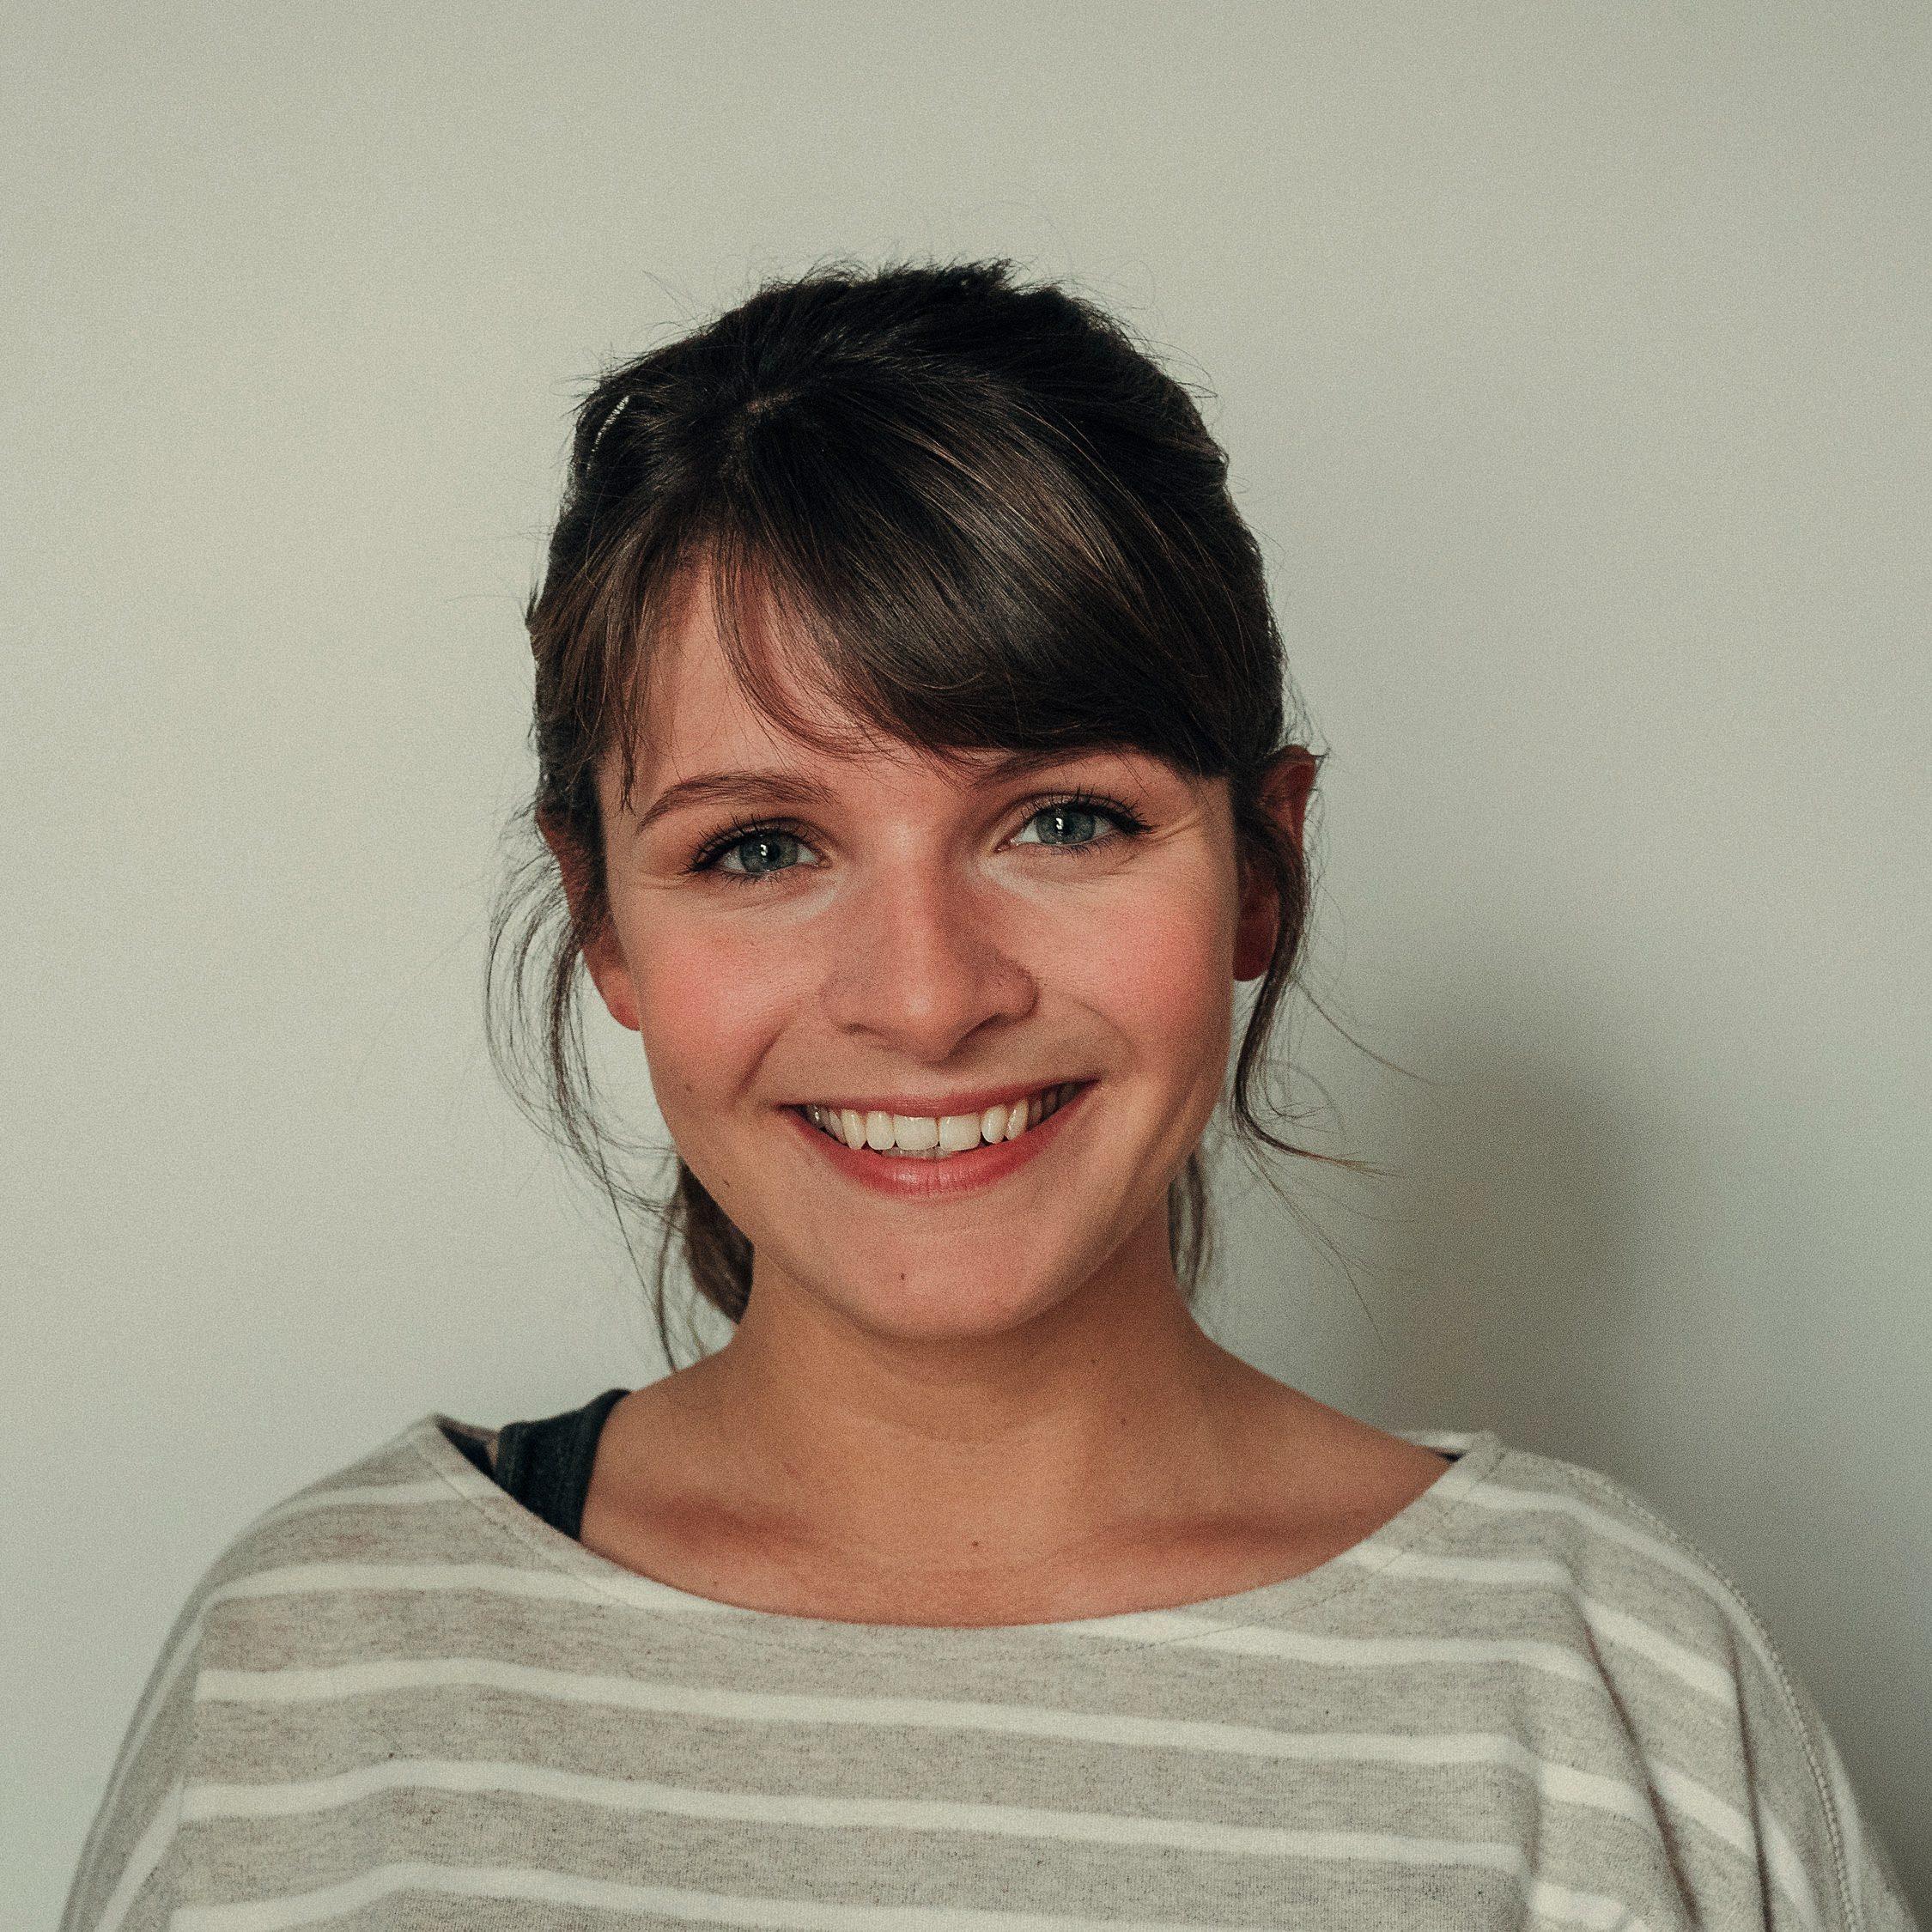 Alica Beckel